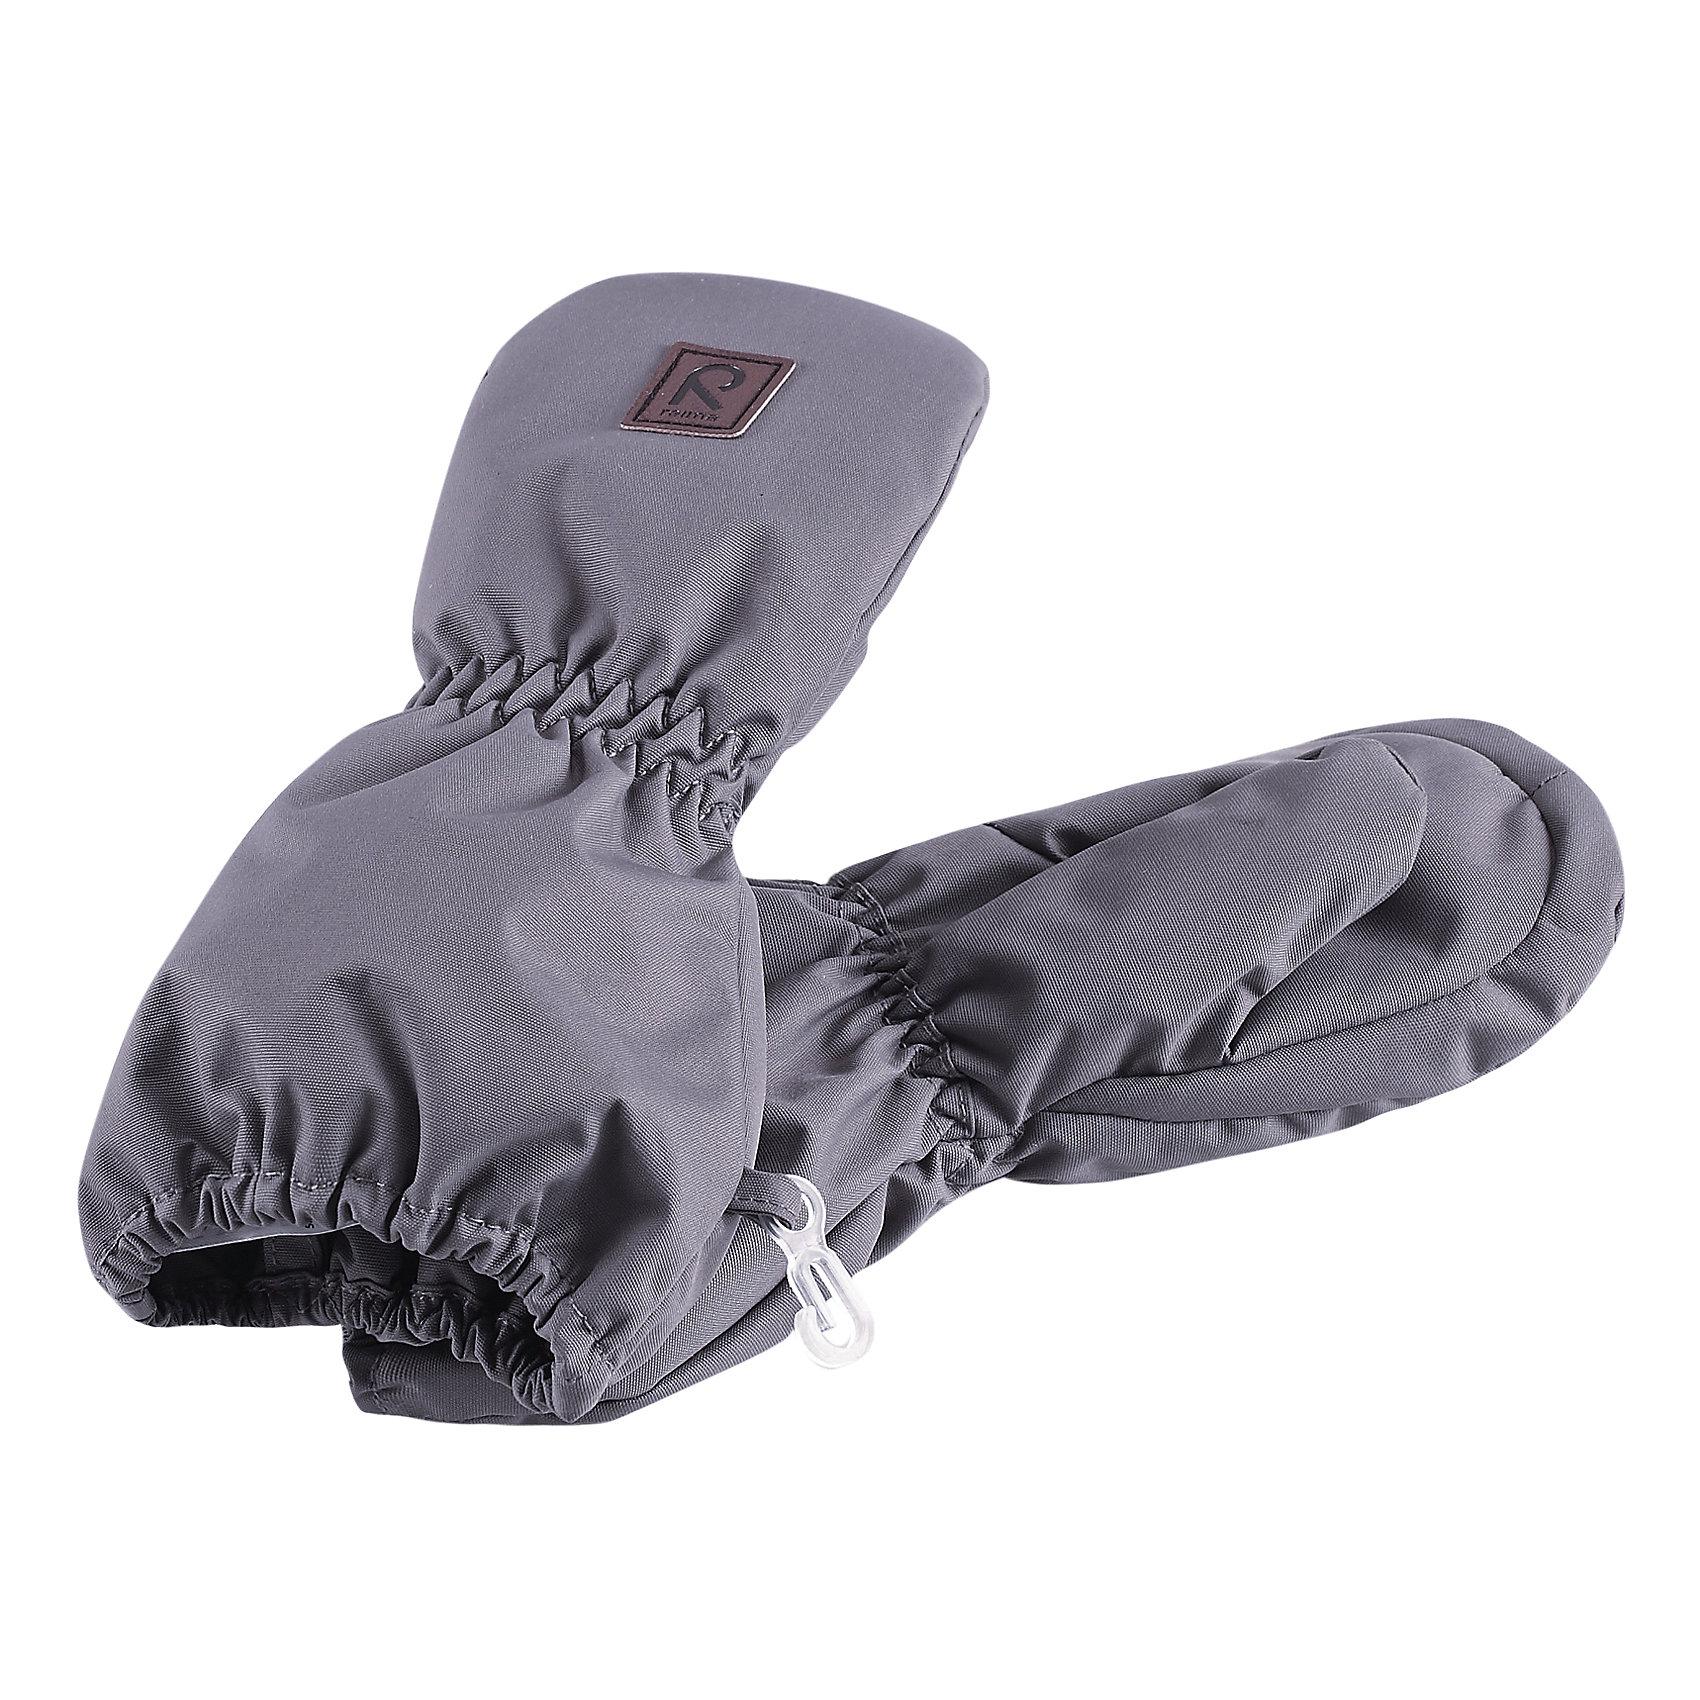 Варежки ReimaЗимние варежки согреют в морозный зимний день! Сделаны из водонепроницаемого материала, но обратите внимание, что в варежках отсутствует водонепроницаемая вставка, так что лучше не одевать их в слякоть или дождливую погоду. Мы рекомендуем одевать их в холодную сухую погоду, морозные зимние дни. Ветронепроницаемый, но дышащий материал вместе с утеплителем и теплой подкладкой из шерсти позволяет держать пальчики в тепле, не давая им вспотеть. В чрезвычайно холодную погоду можно поддеть теплые шерстяные варежки, так как данная просторная модель позволяет это делать!<br><br>Зимние варежки для малышей<br>Водонепроницаемый материал, без вставки - модель пропускает воду<br>Утеплитель 80 g<br>Теплая мягкая подкладка с утеплителем из шерсти<br>Состав:<br>100% ПЭ, ПУ-покрытие<br>Высокая степень утепления (до - 30)<br><br>Варежки Reima (Рейма) можно купить в нашем магазине.<br><br>Ширина мм: 162<br>Глубина мм: 171<br>Высота мм: 55<br>Вес г: 119<br>Цвет: серый<br>Возраст от месяцев: 0<br>Возраст до месяцев: 12<br>Пол: Унисекс<br>Возраст: Детский<br>Размер: 0,2,1<br>SKU: 4208554